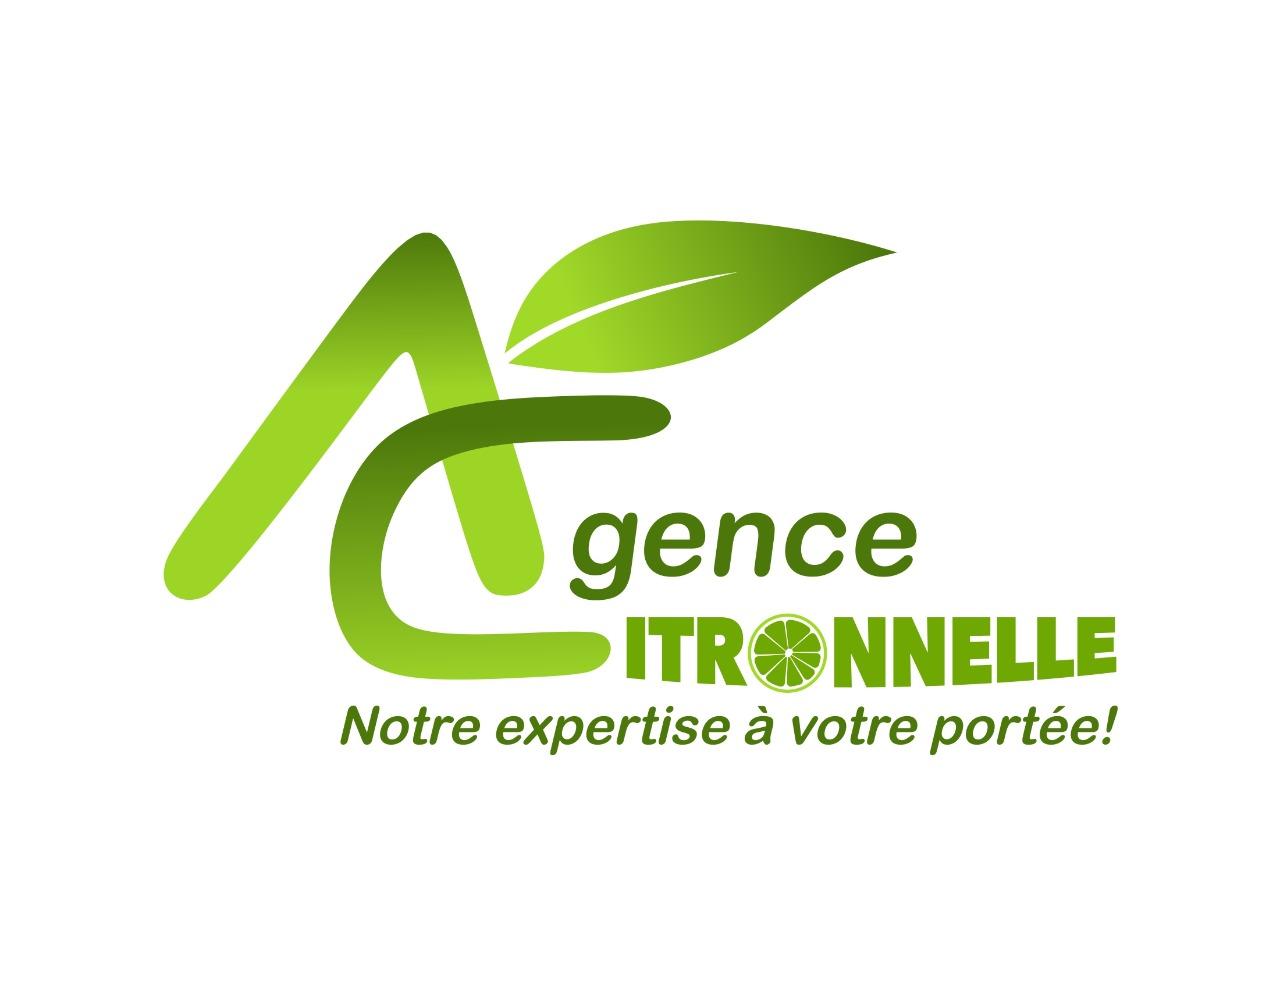 Agence Citronnelle